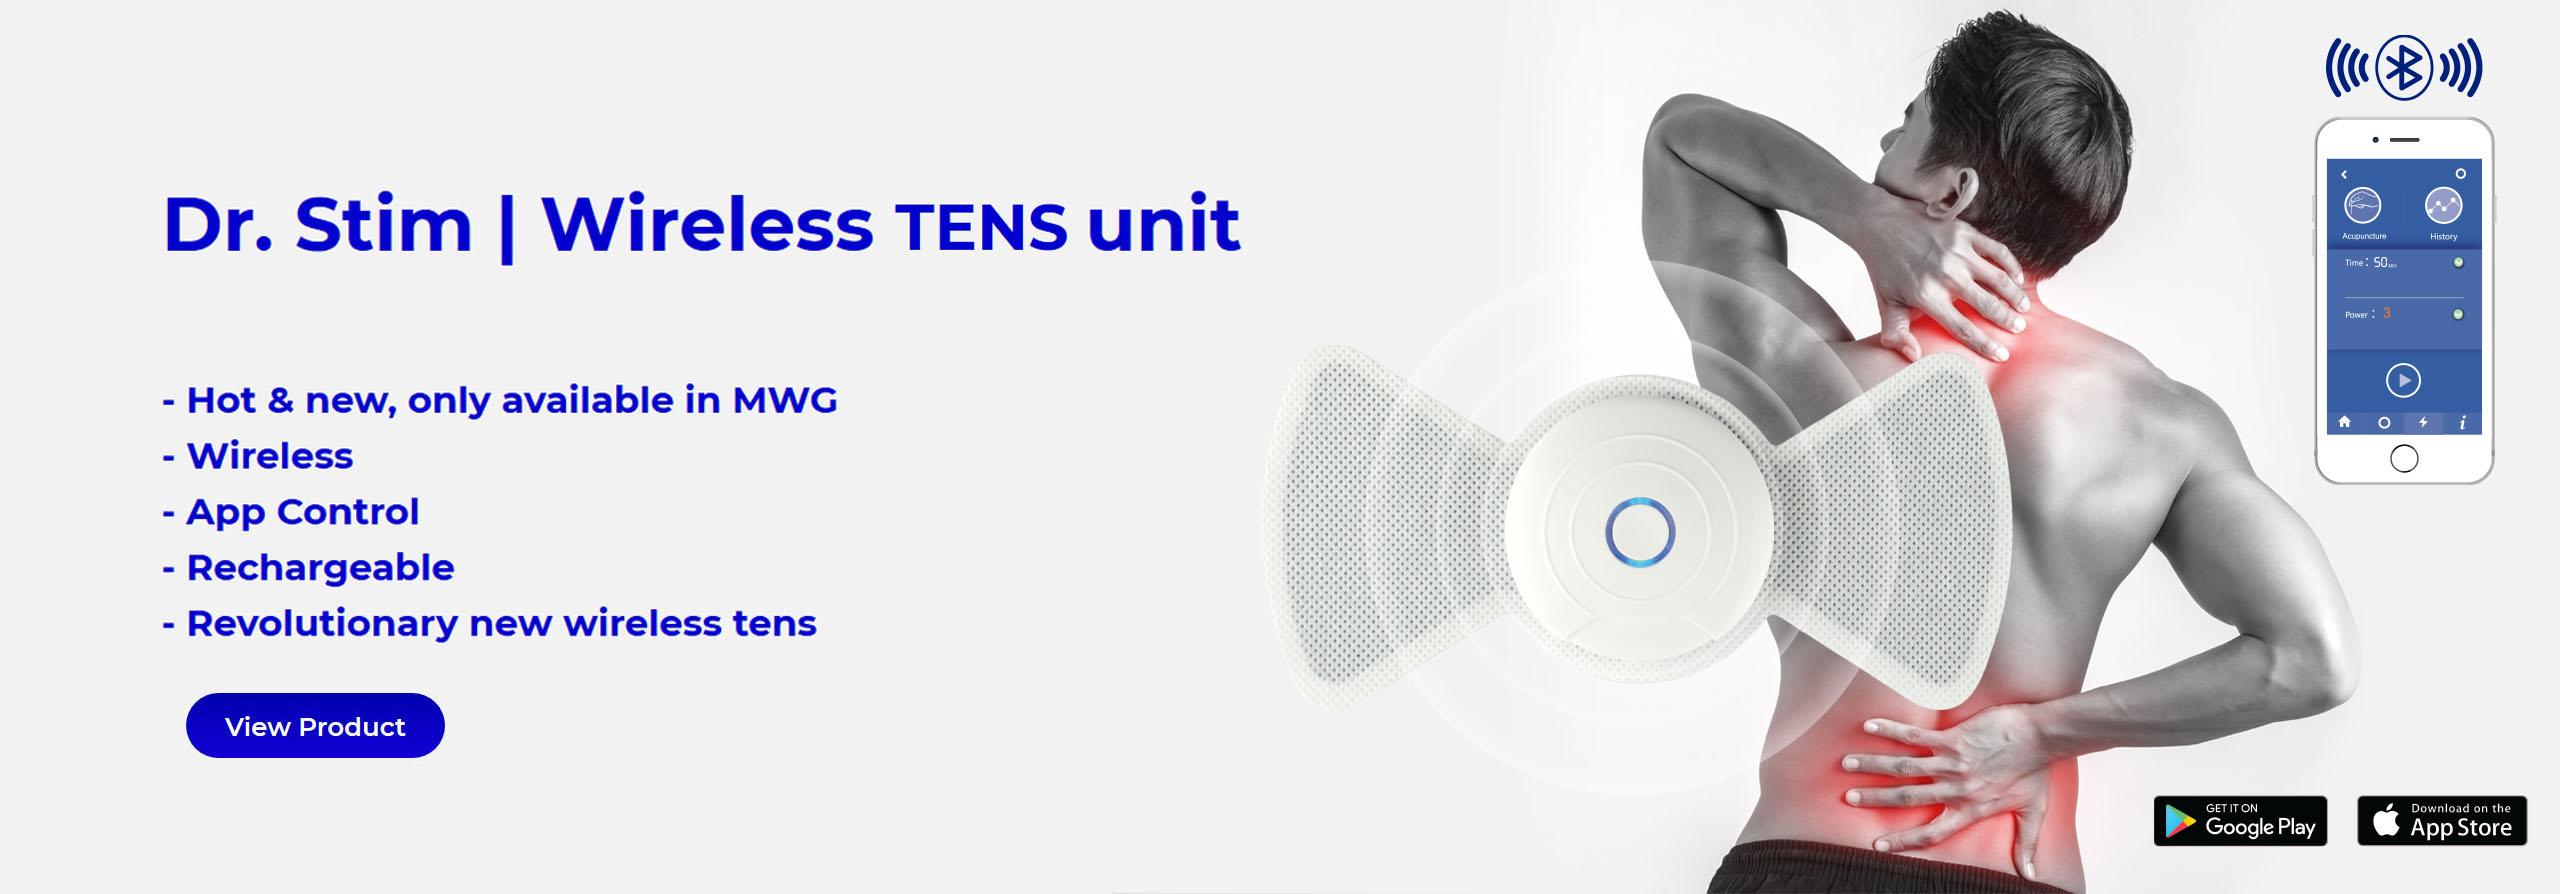 banner-shopping-online-manhattan-wellness-group-dr-stim-wireless-tens-unit-best-manhattan-wellness-02